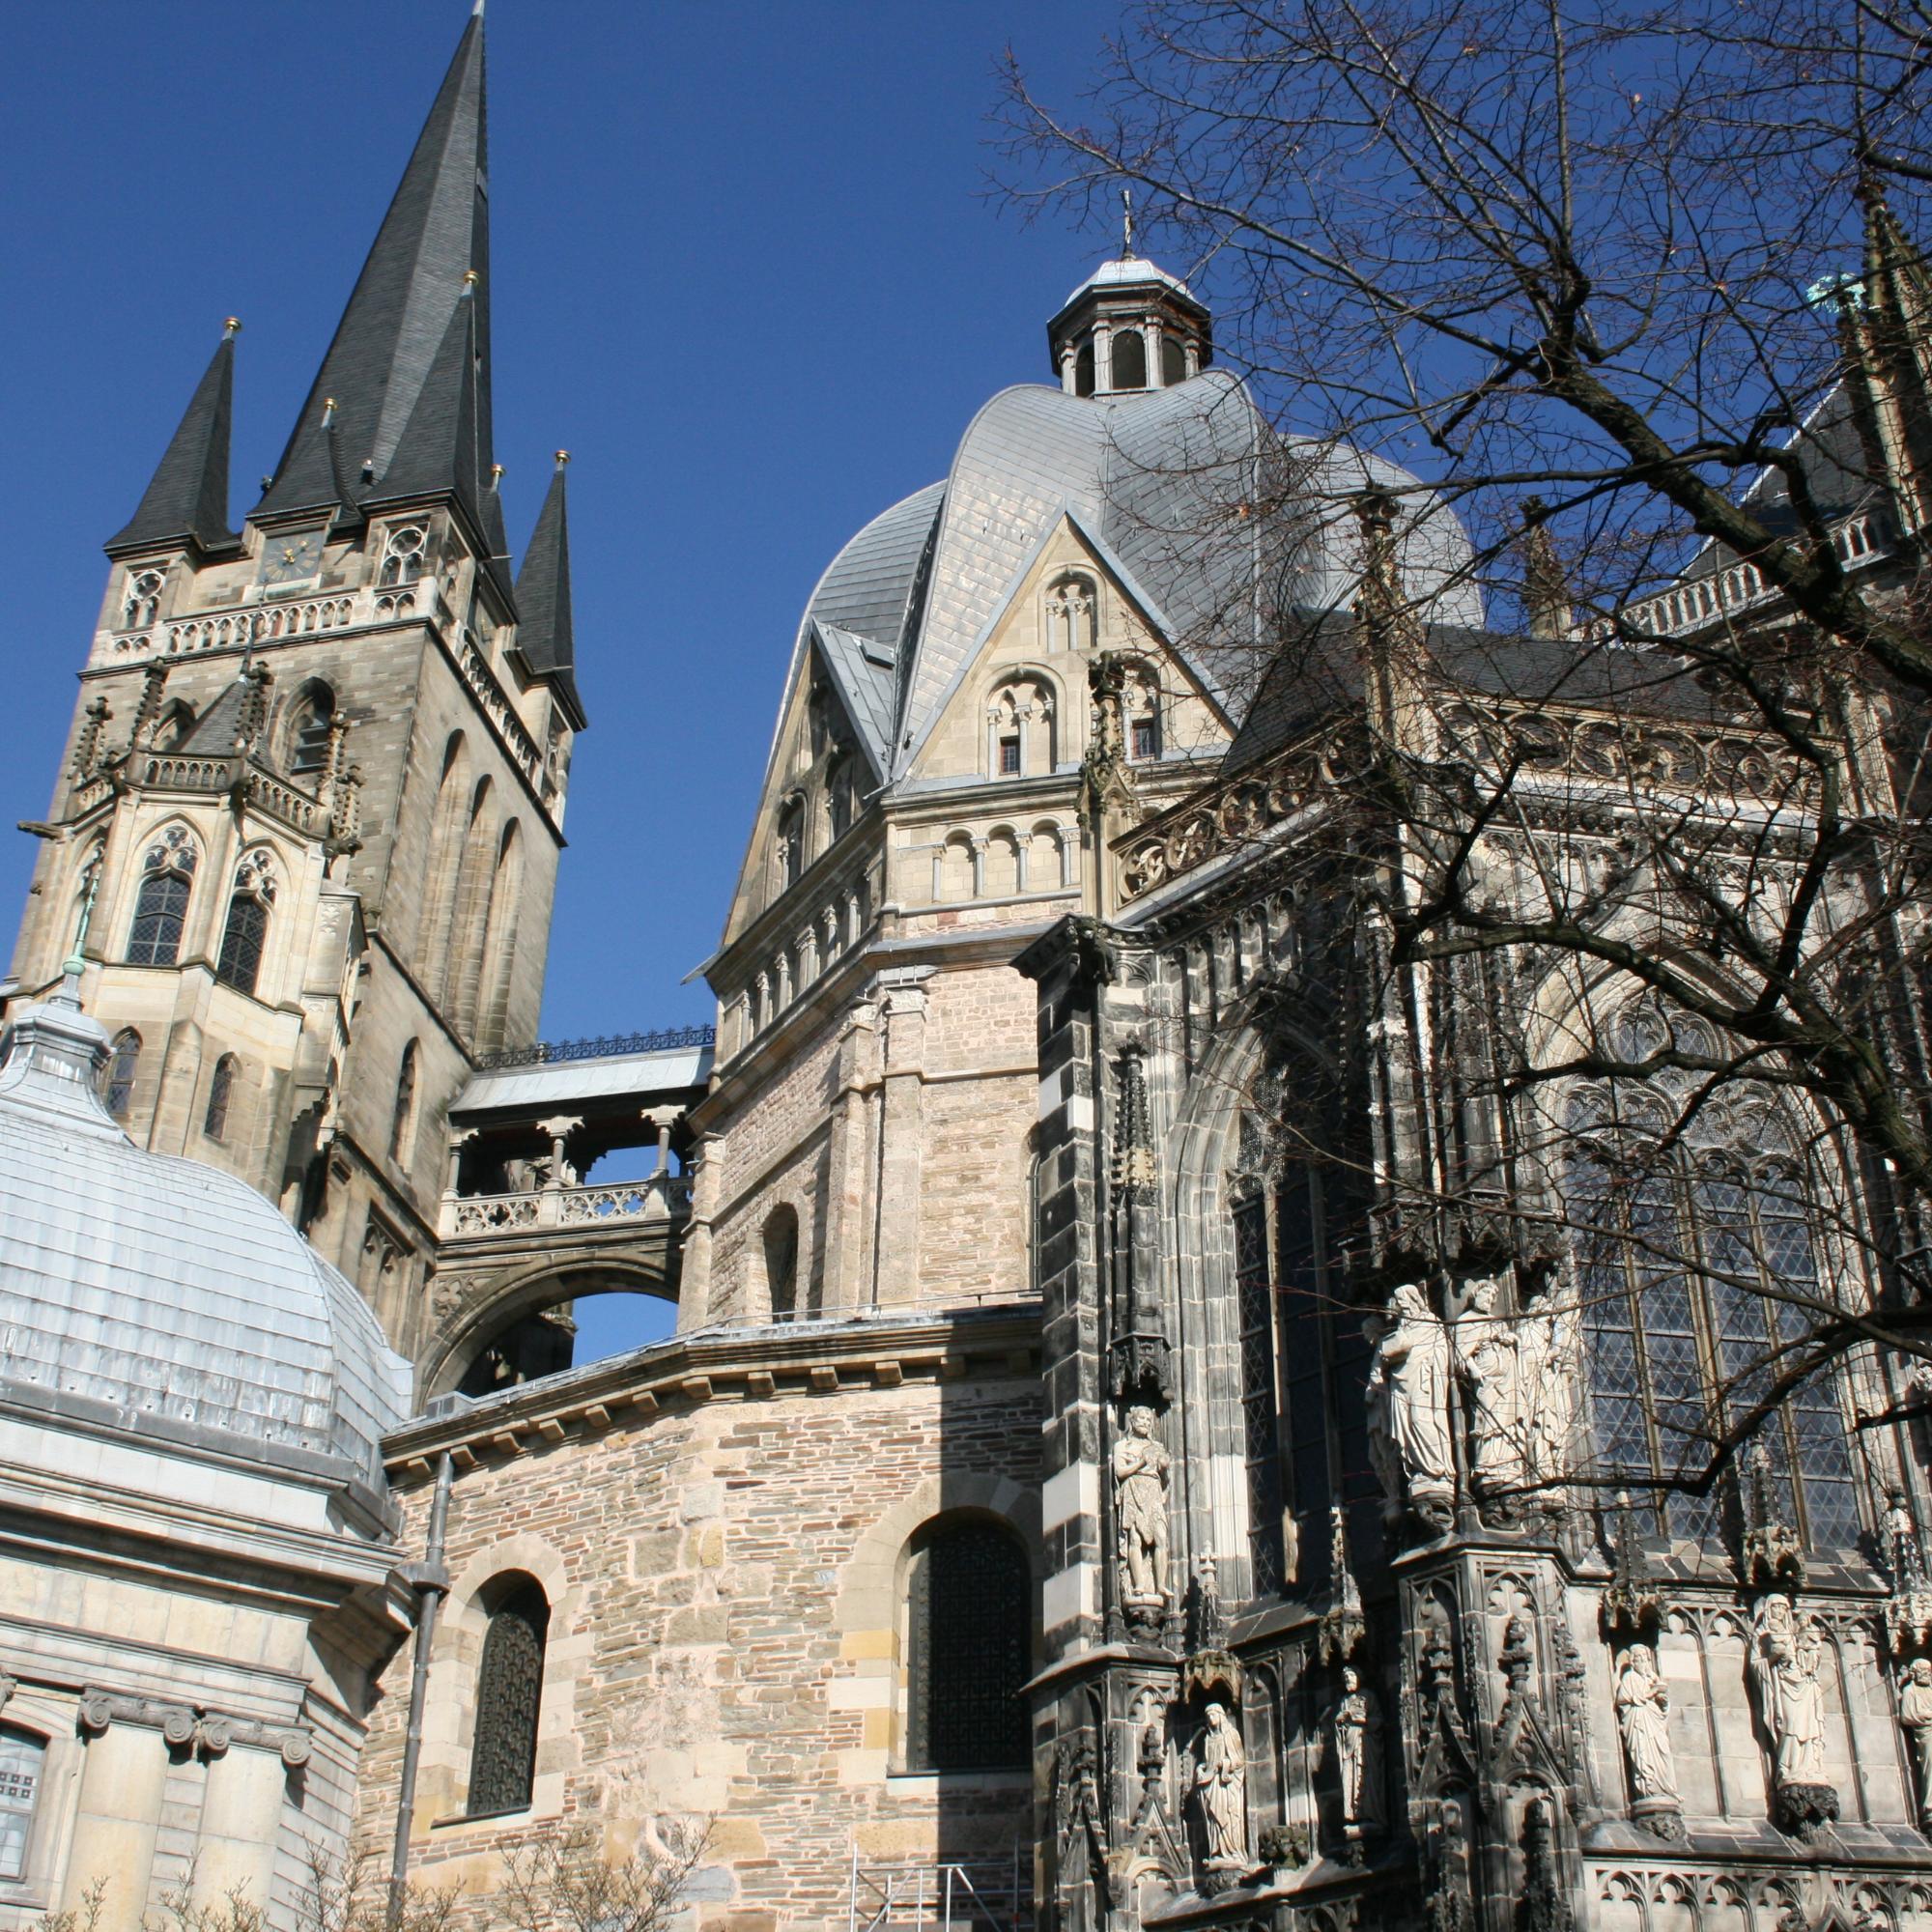 Gottesdienste im Aachener Dom live übertragen (c) Monika Herkens